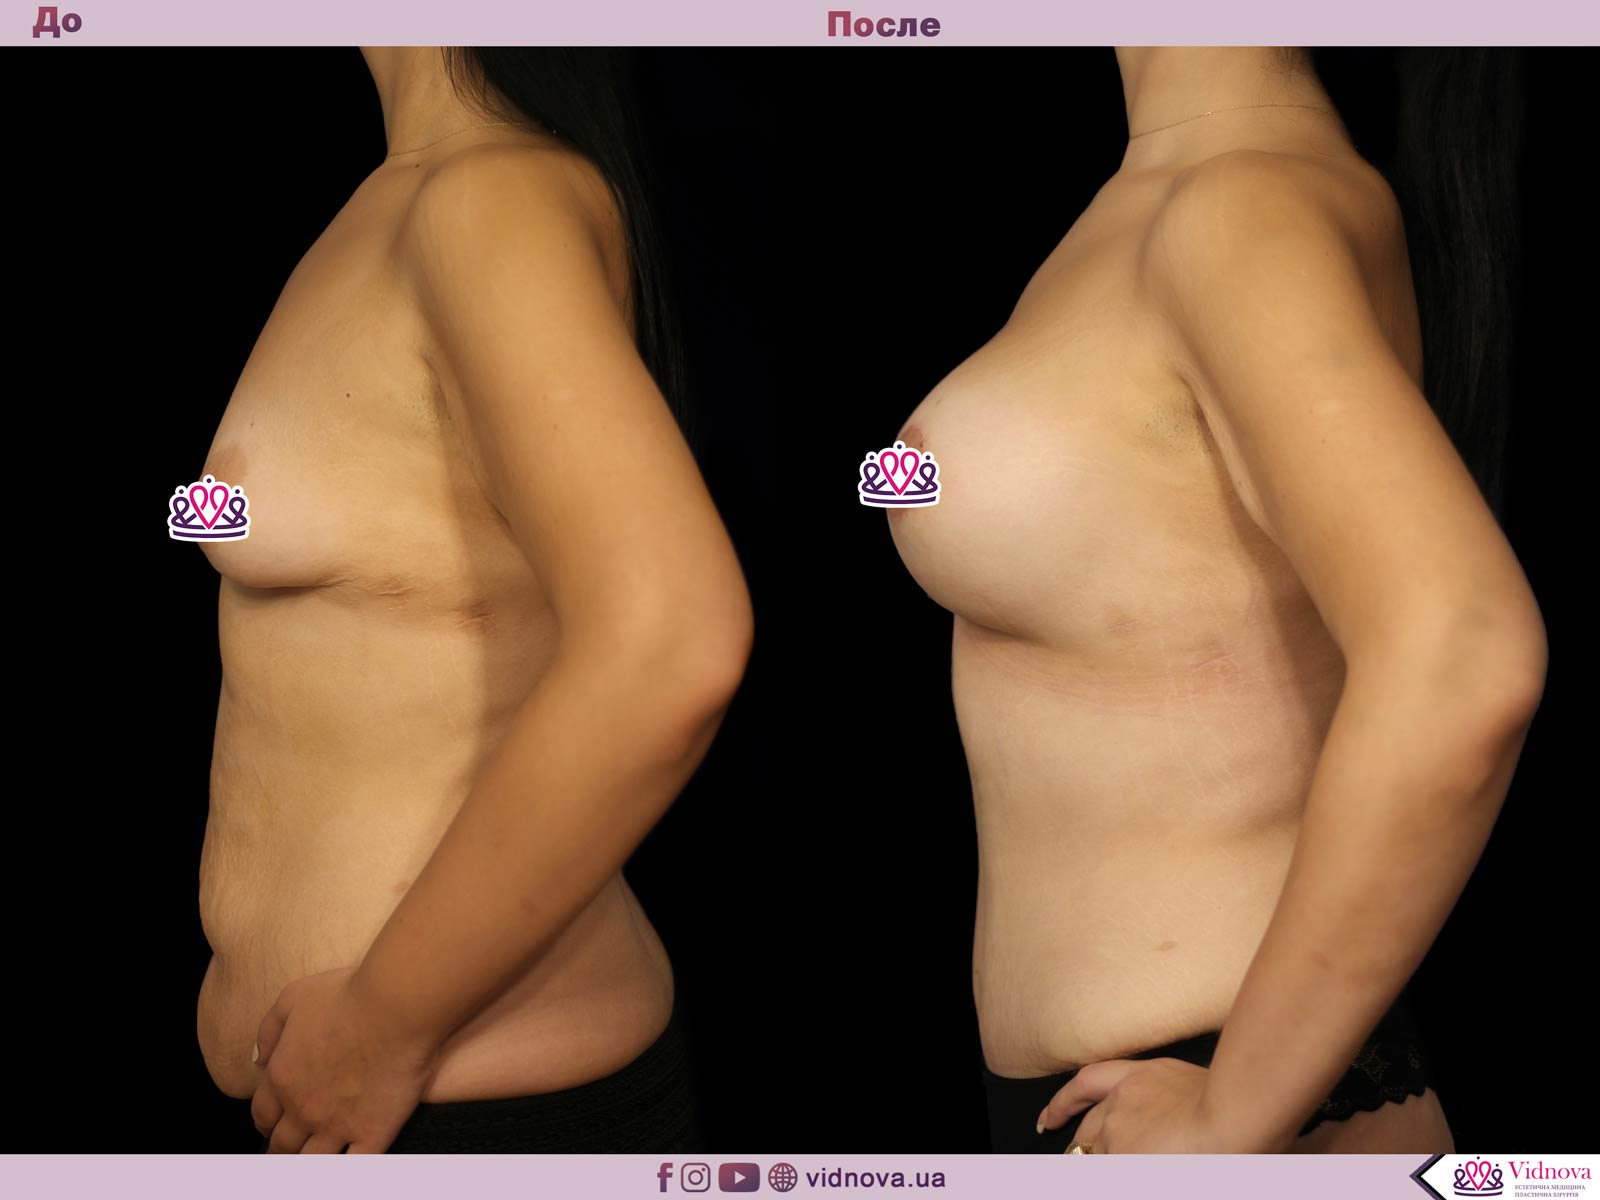 Совмещенные операции: Фото До и После - Пример №6-3 - Клиника Vidnova